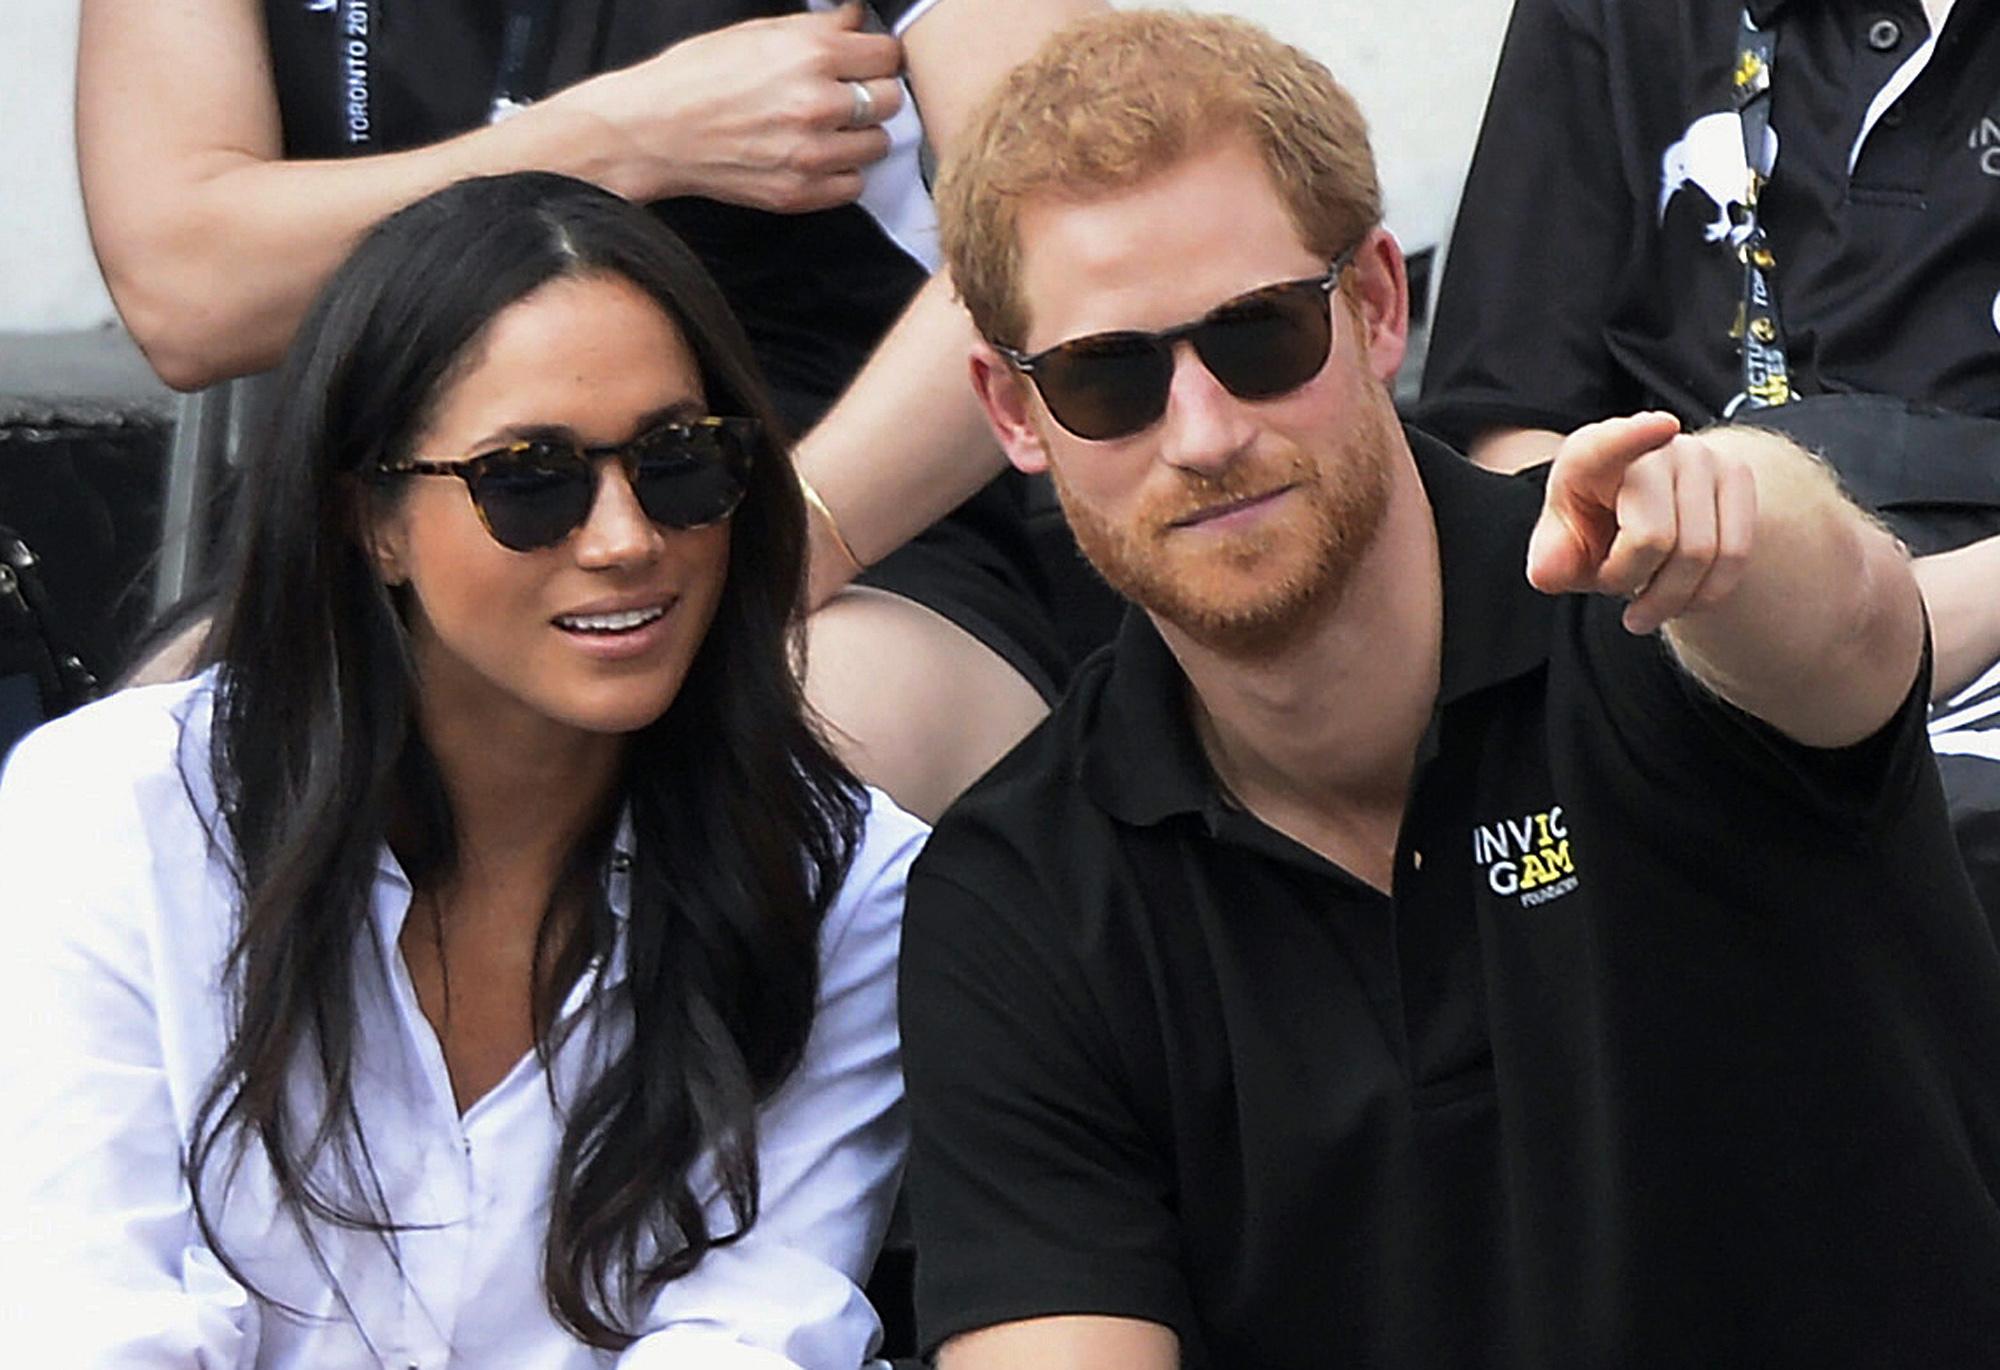 """La noticia de la relación entre la actriz y el príncipe se dio a conocer en septiembre de 2017, cuando Meghan le dijo a la revista que ellos eran """"dos personas que están realmente felices y enamoradas"""" y más adelante hicieron su primera aparición pública oficial como pareja durante el torneo tenis en silla de ruedas, Harry's Invictus Games, en Toronto. (Archivo)"""